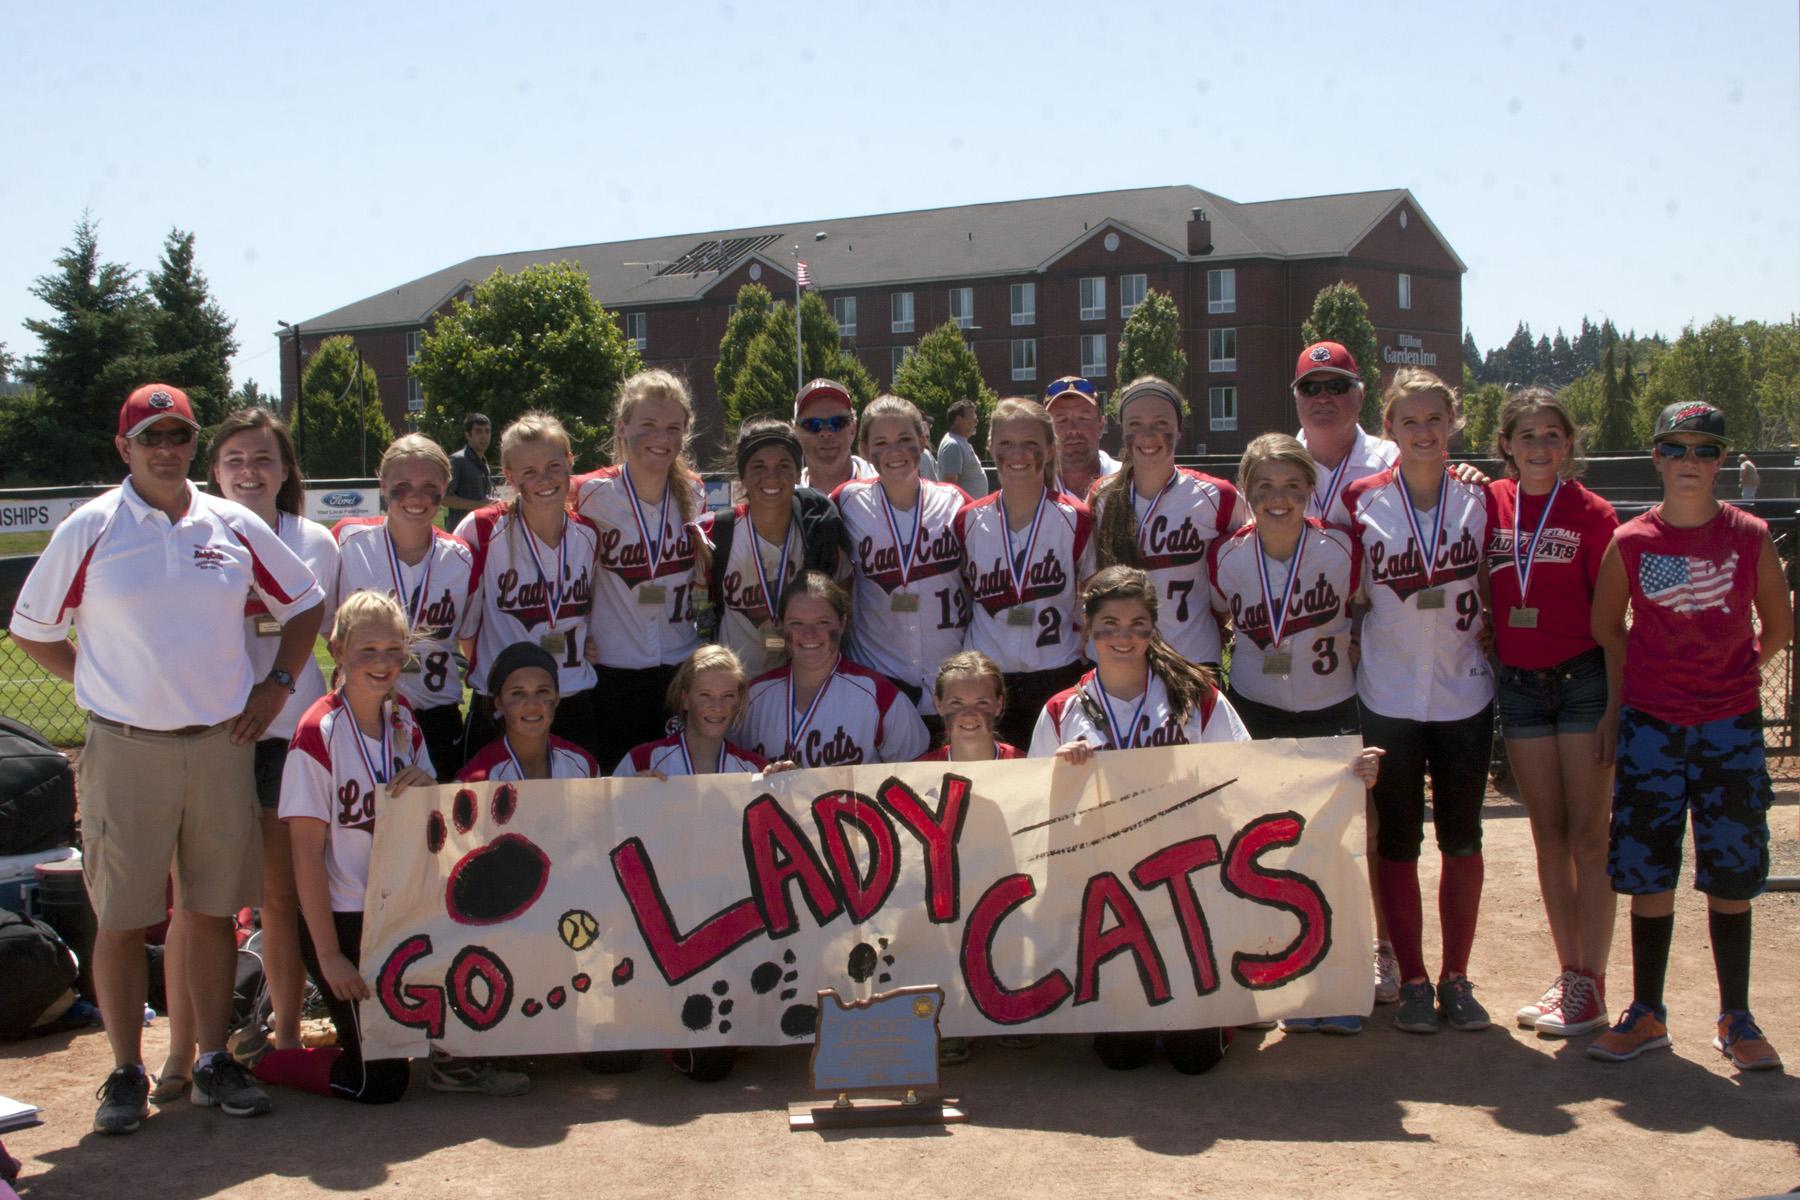 2014 2A/1A Softball State Champions!